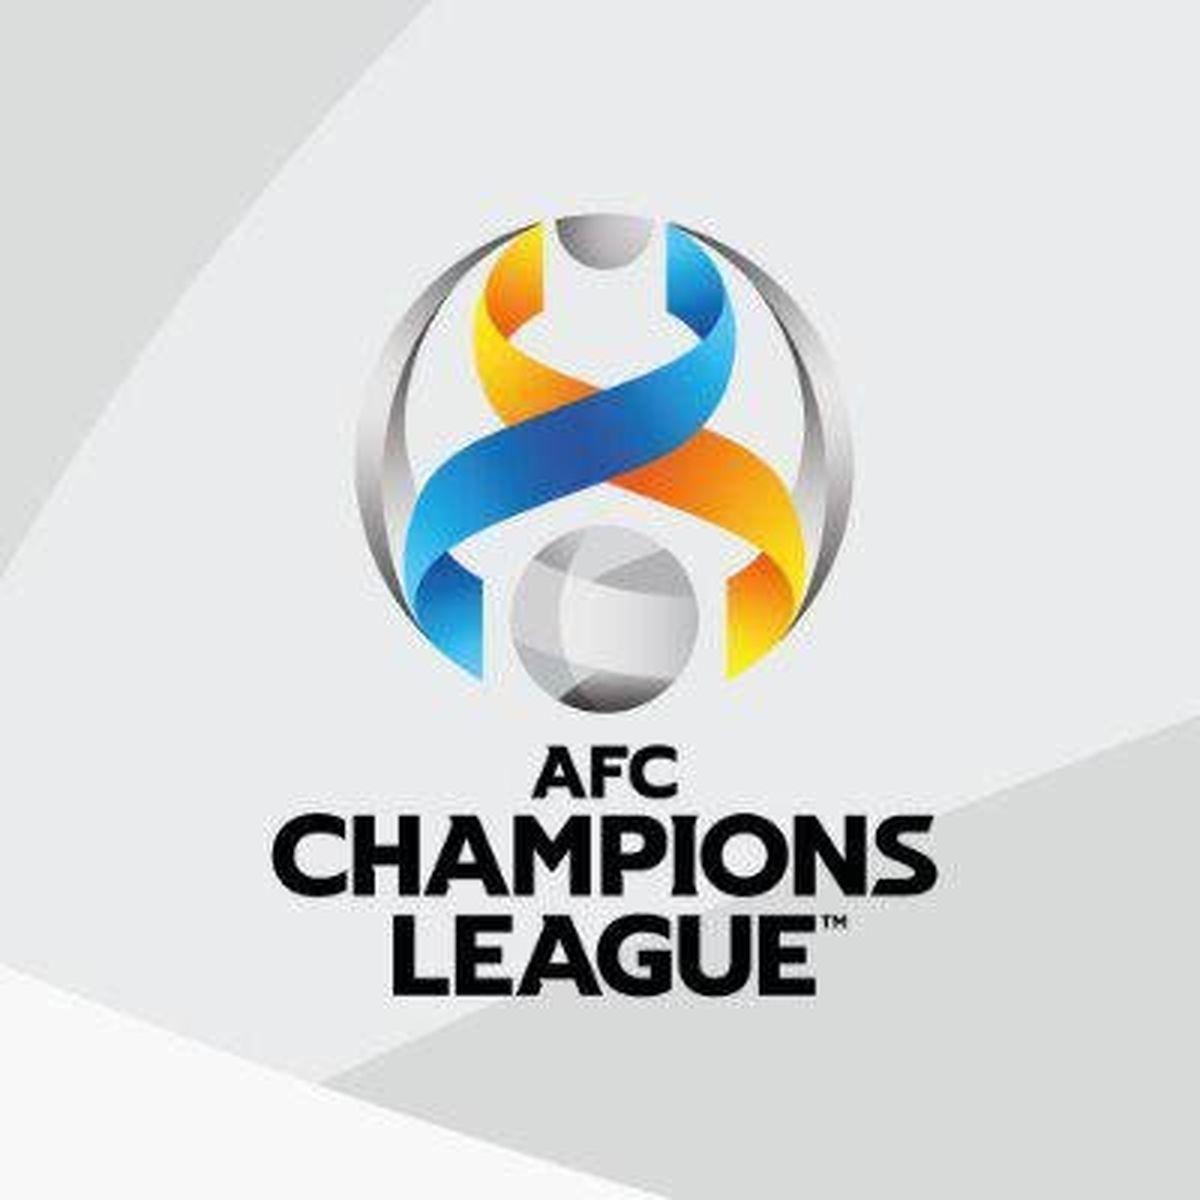 ۴ کشور برای میزبانی لیگ قهرمانان آسیا داوطلب شدند